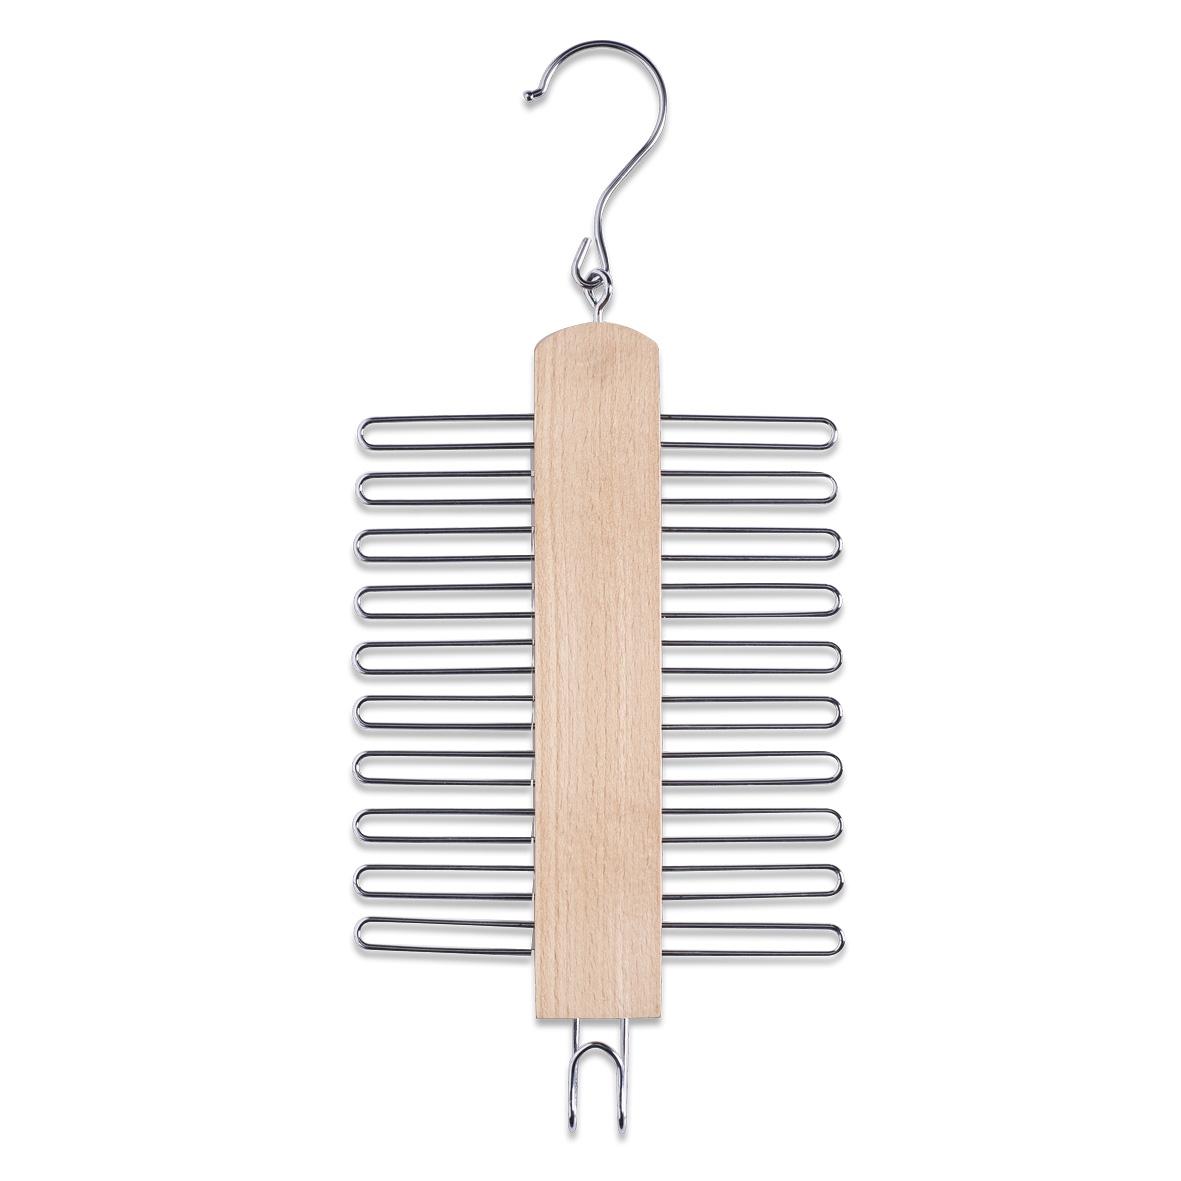 Umeras din metal si lemn pentru cravate, cu 20 carlige, Belt Natural, l16xH39 cm imagine